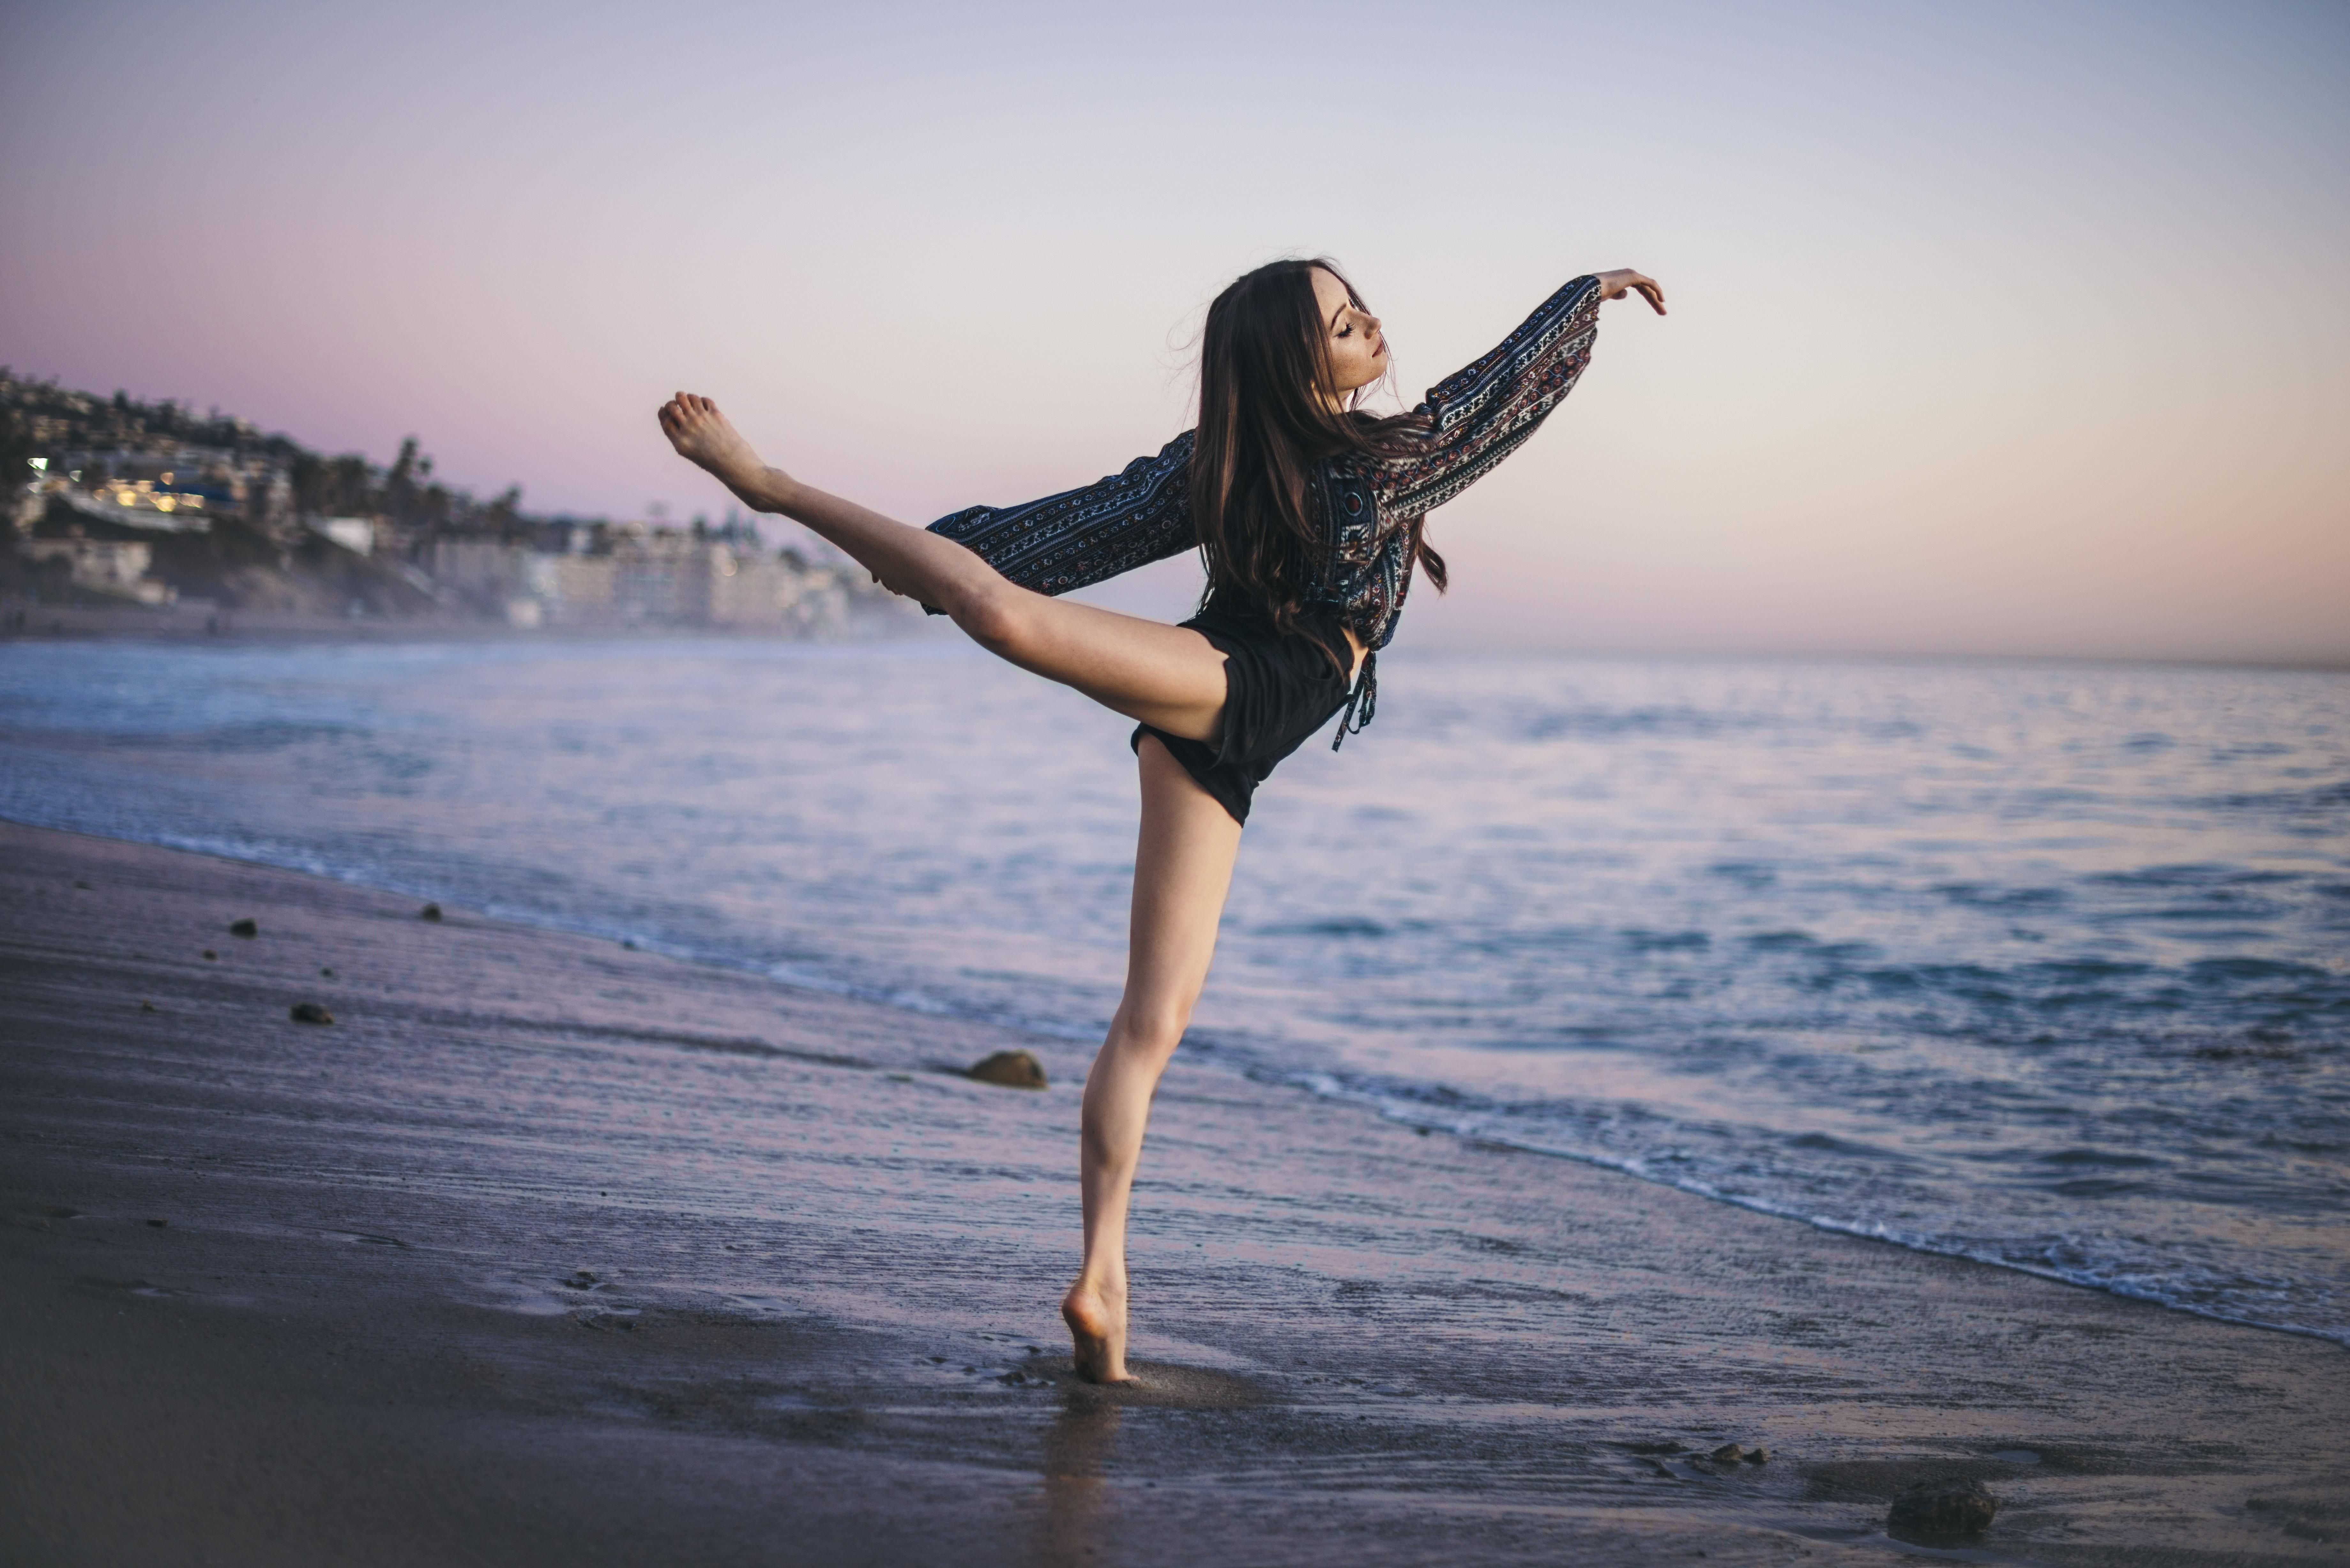 Картинки с девушкой в танце